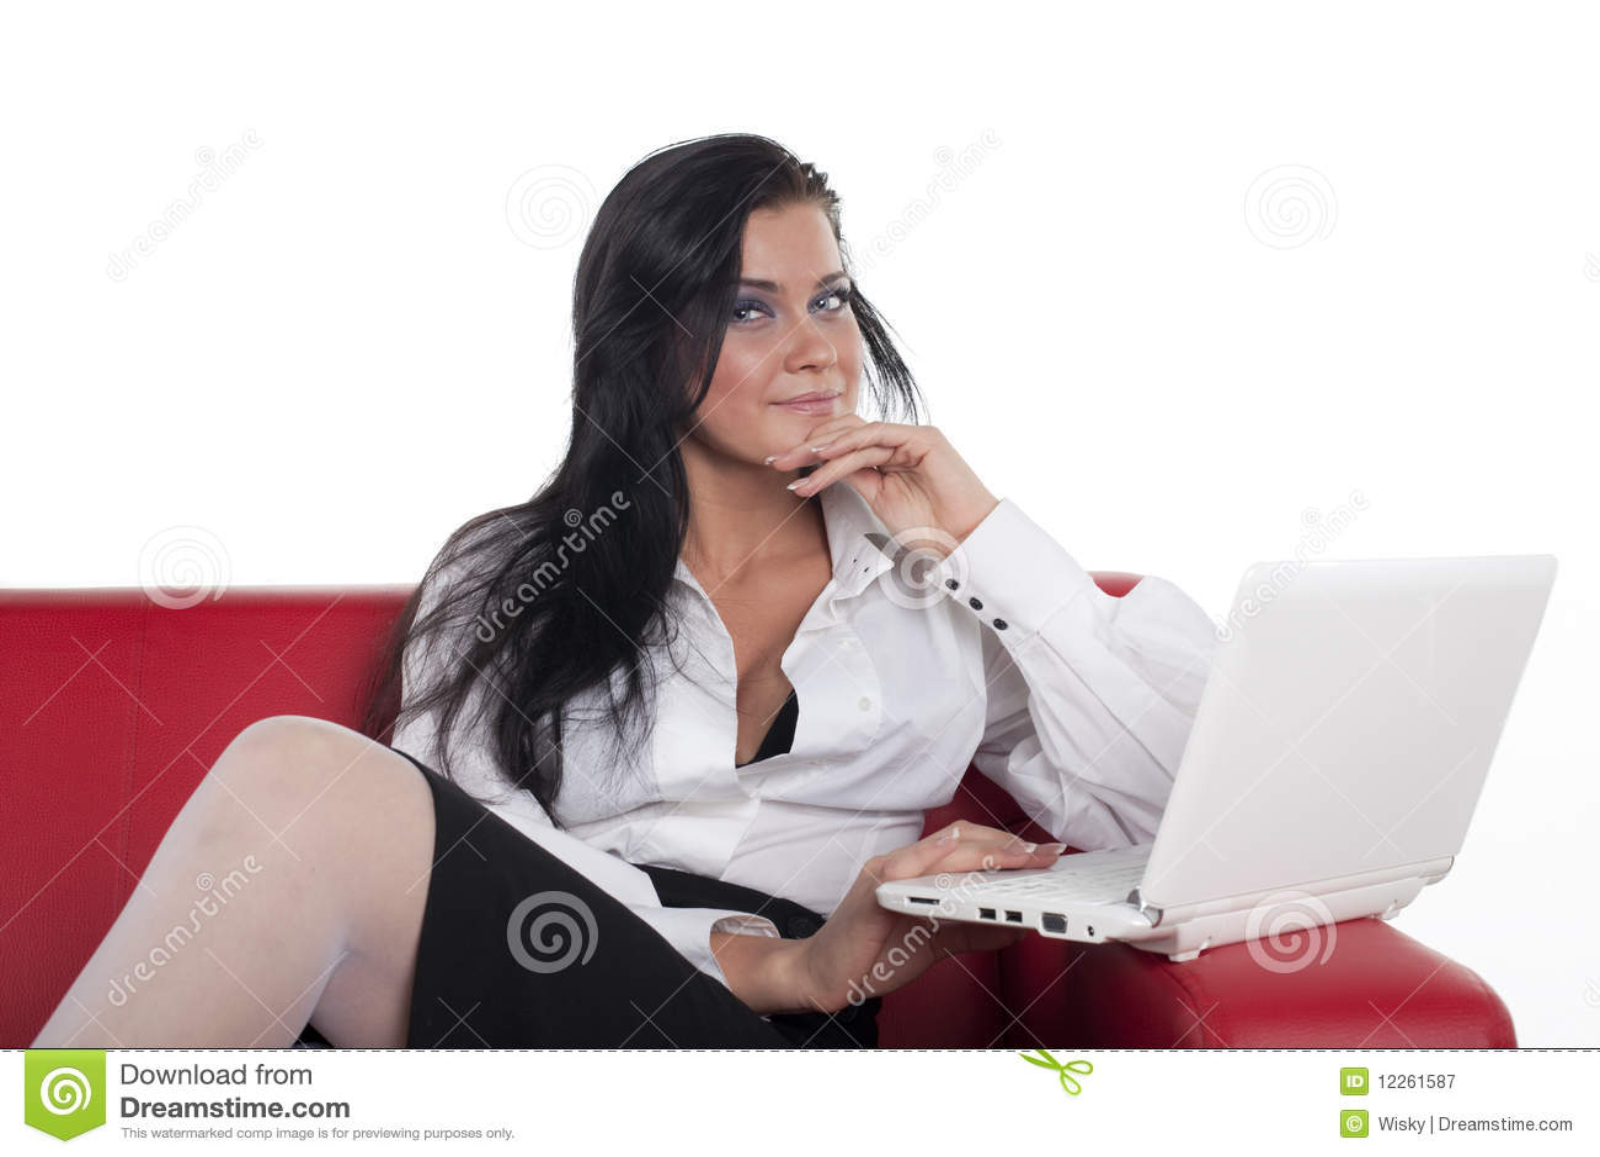 Strode recommends Amanda cerny nude photos